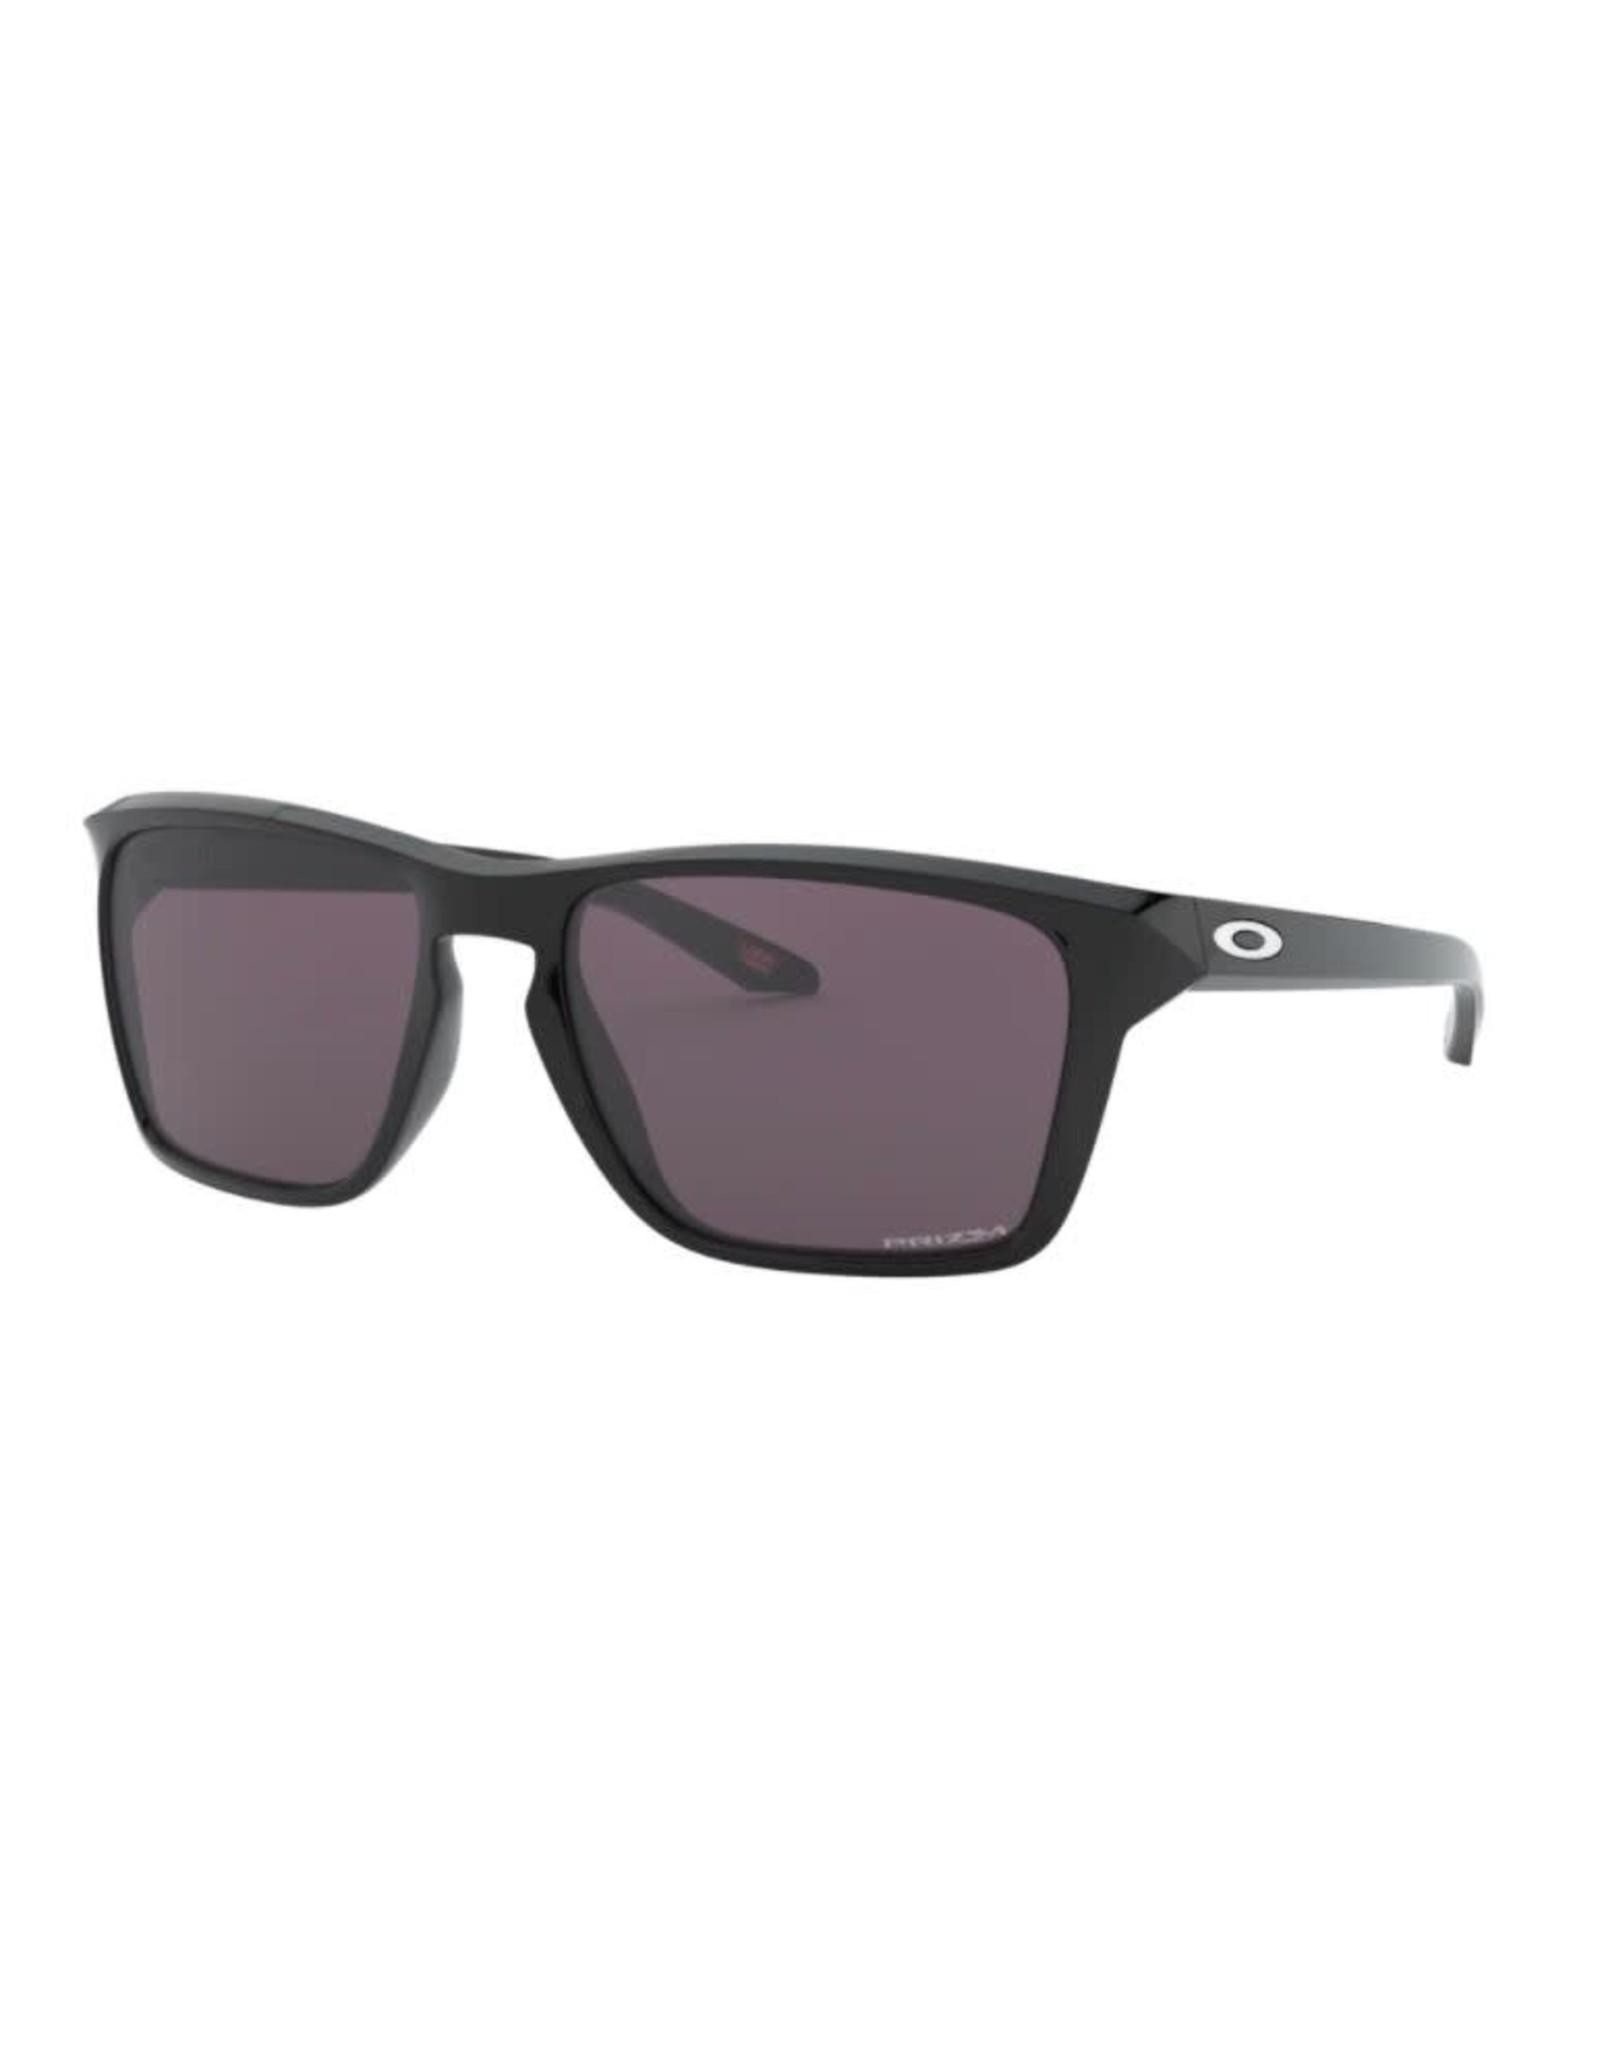 Oakley Oakley - Lunette soleil homme sylas polished black/lens prizm grey